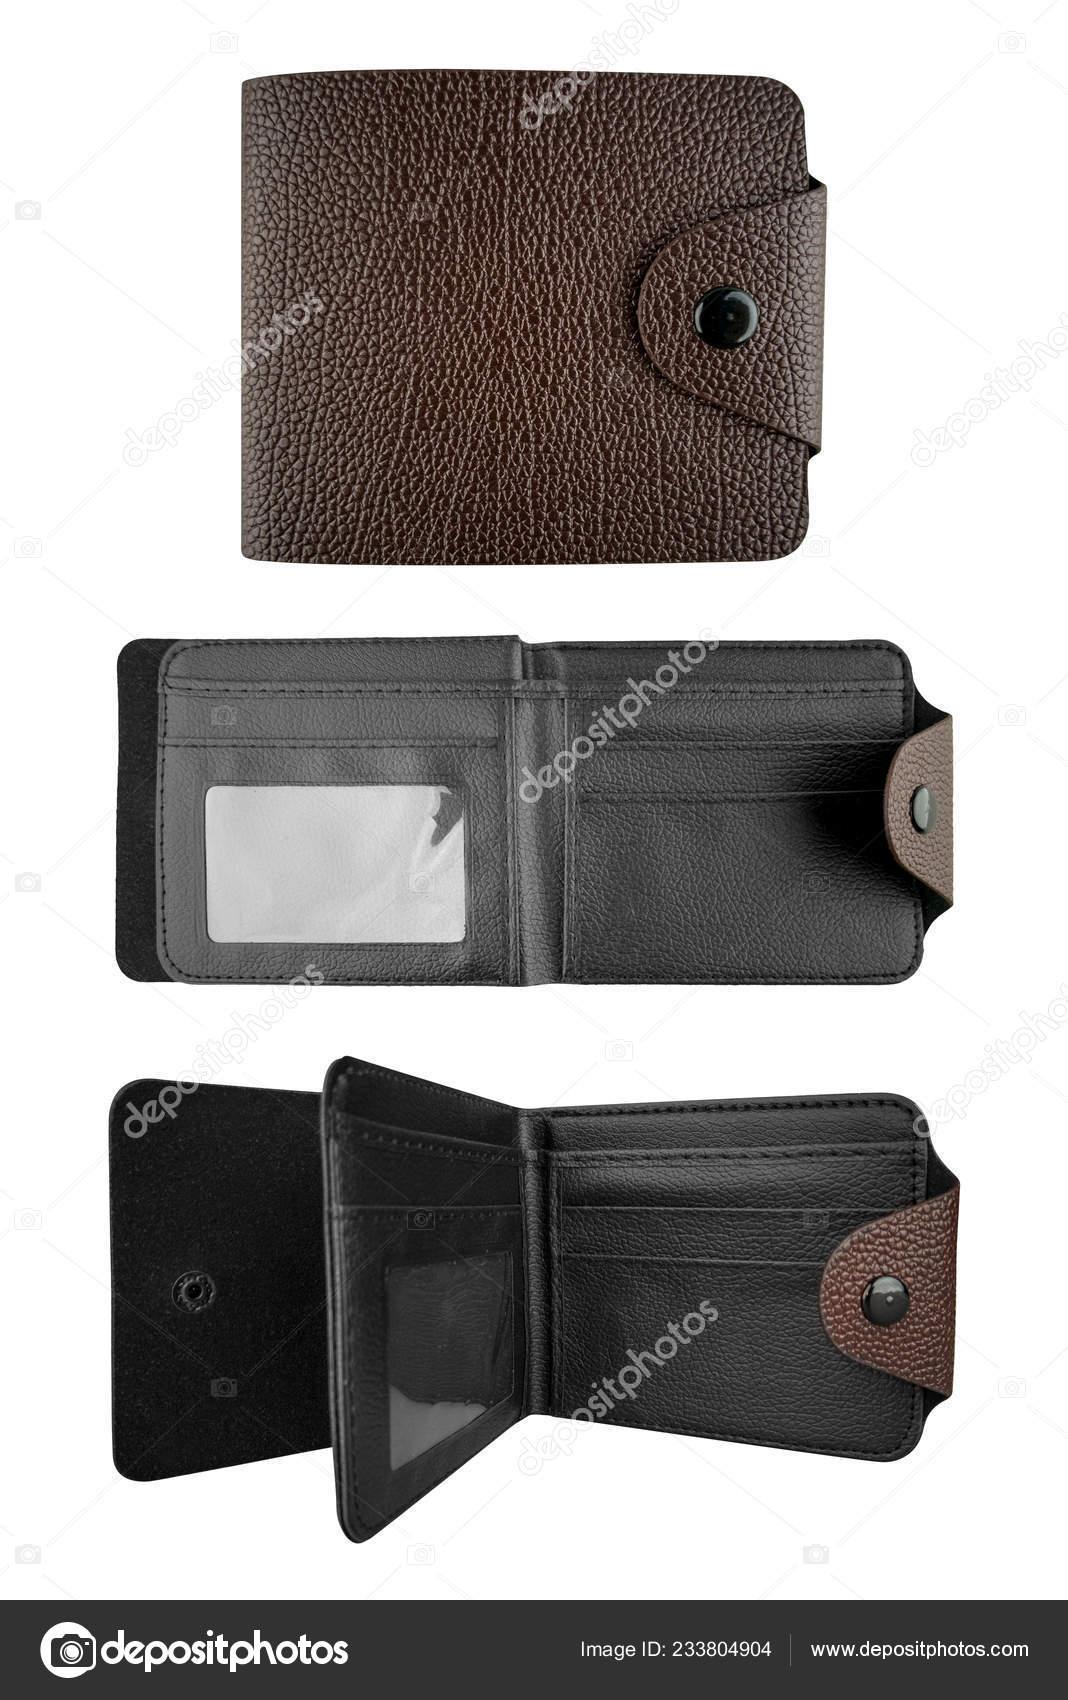 1d8770dd1 Billetera de cuero hombre marrón con interior negro. Tres casos de una  cartera elegante, aislado sobre fondo blanco, incluidos trazados de recorte  — Foto de ...